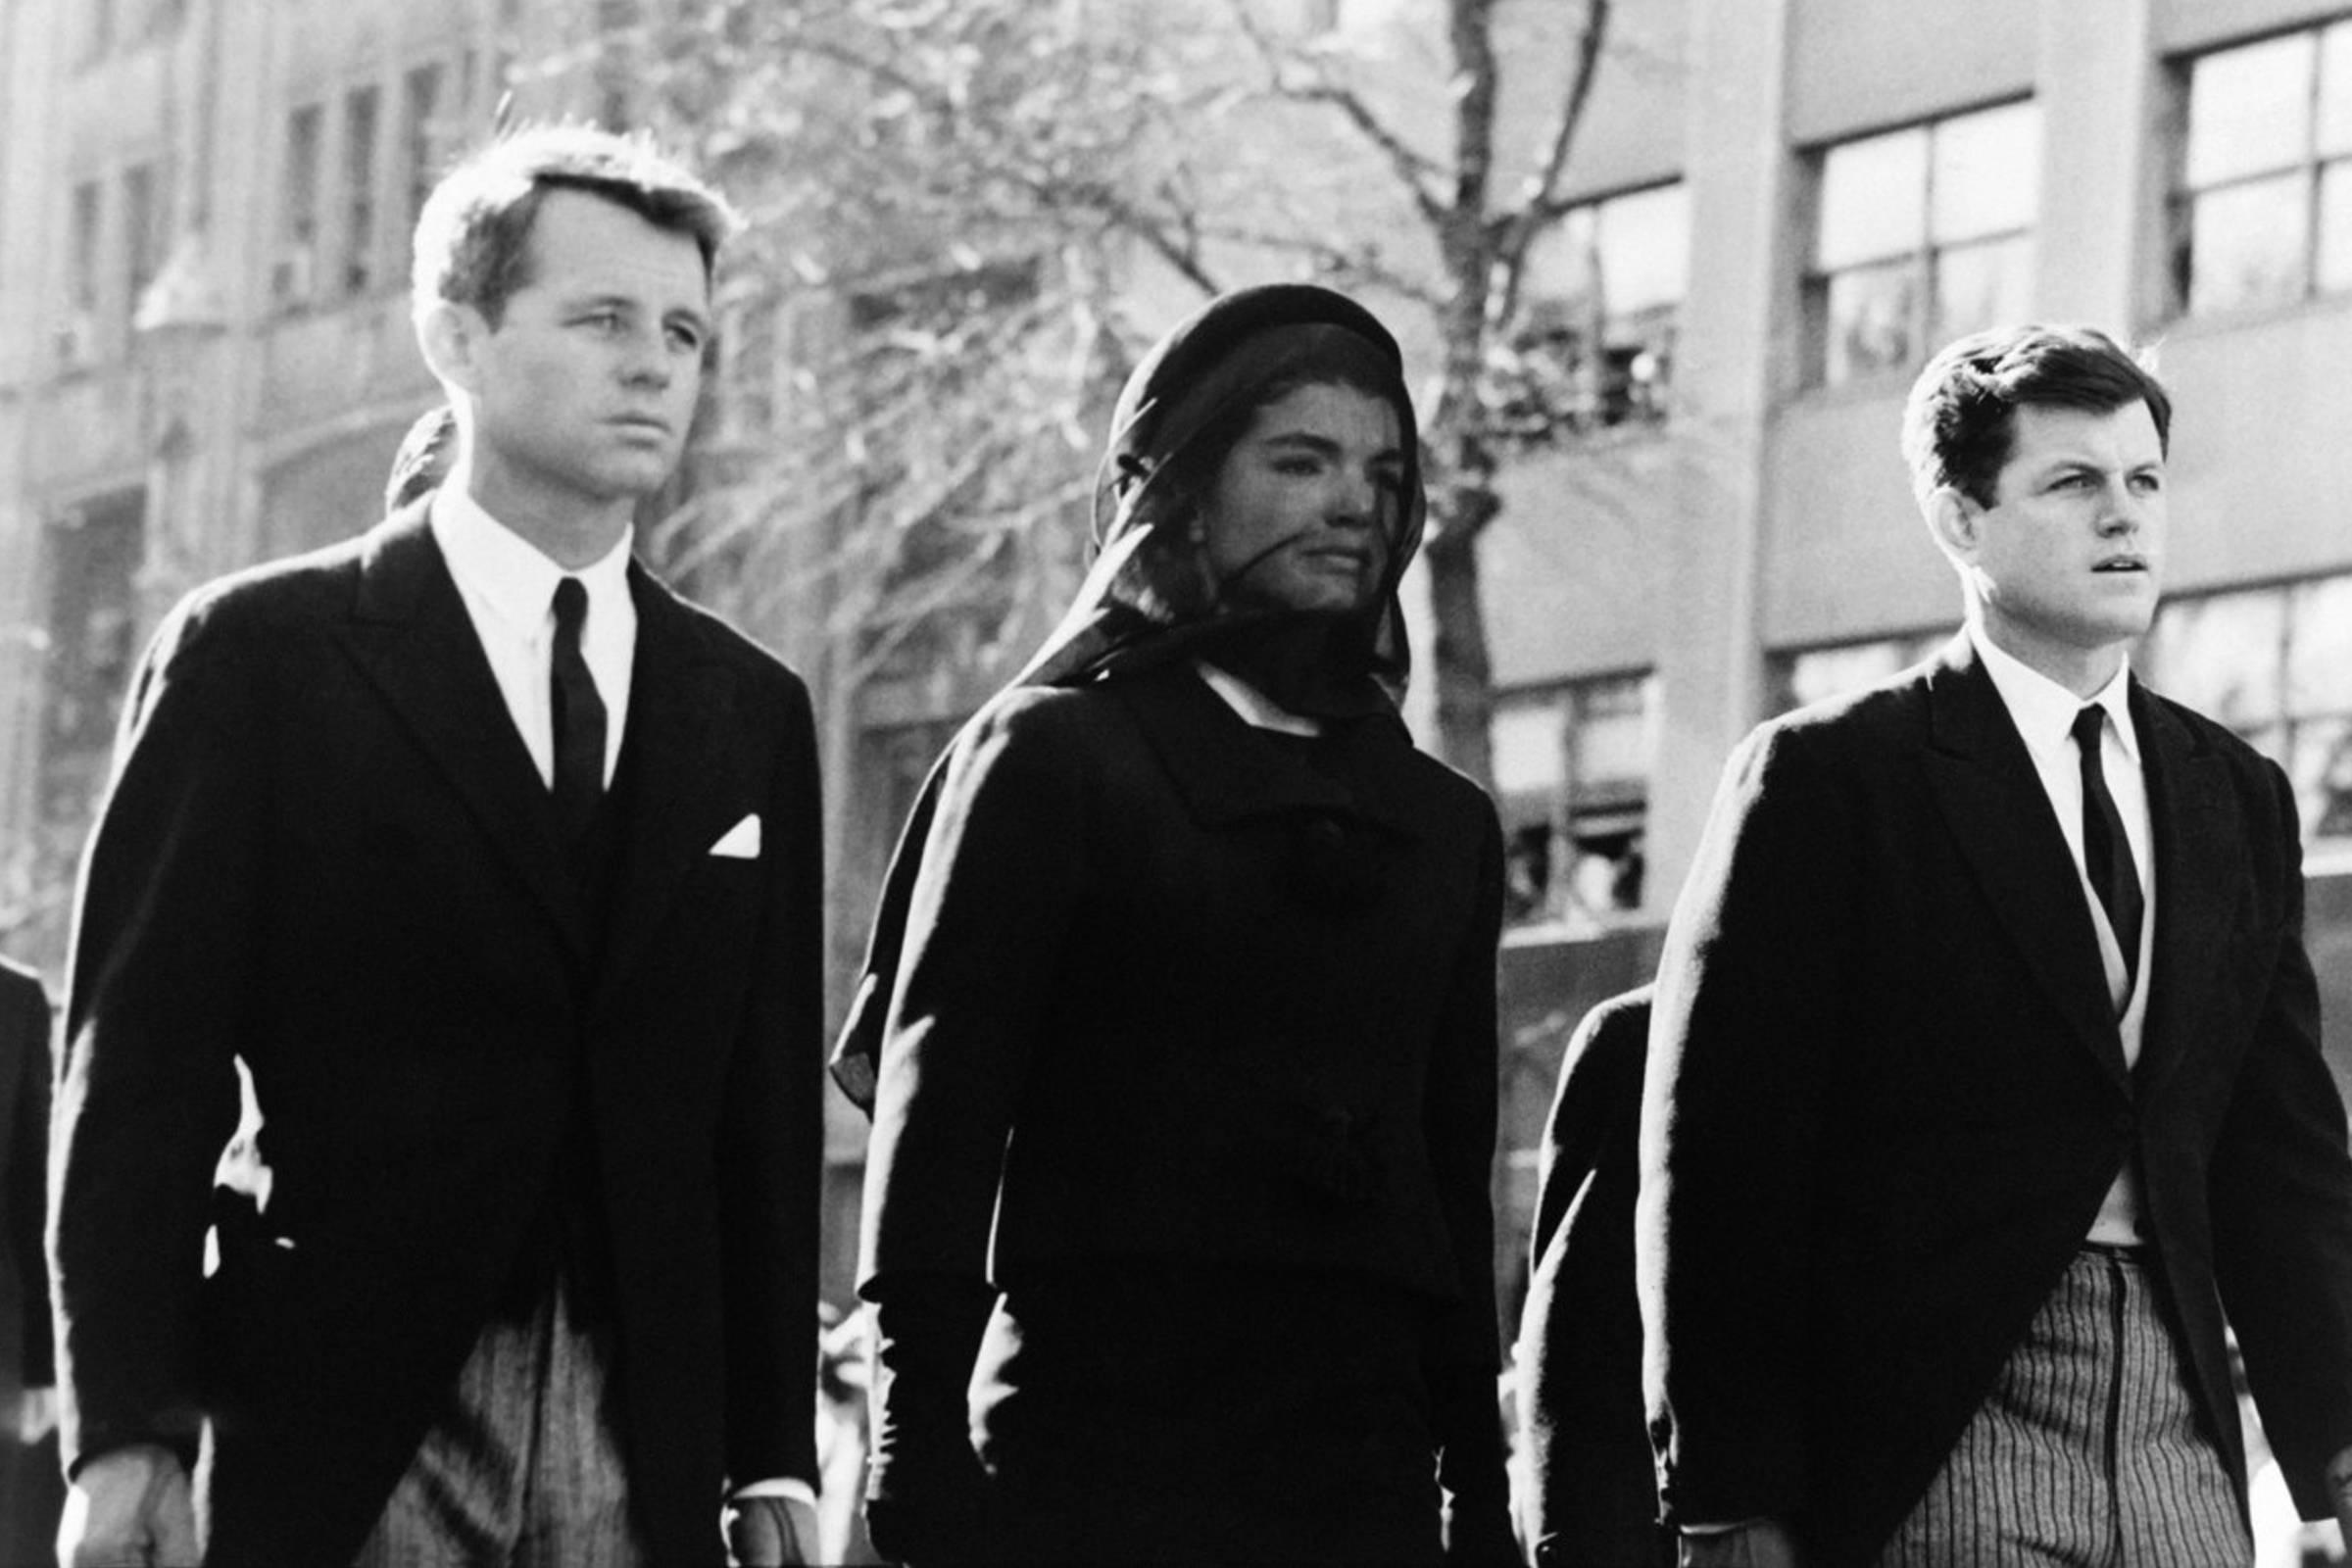 Бобби, Джеки и Тед Кеннеди на похоронах президента Джона Ф. Кеннеди